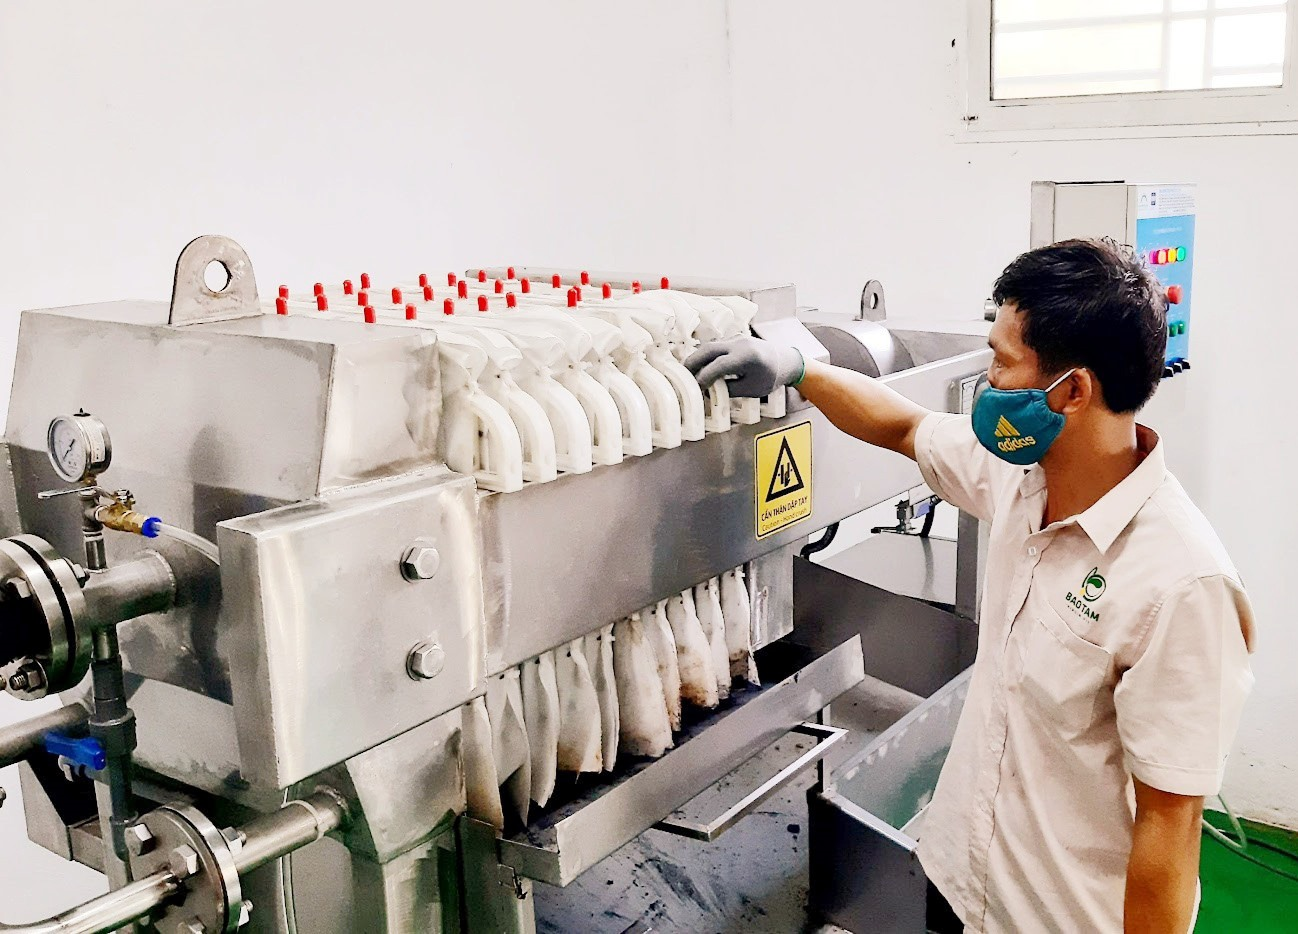 HTX Sản xuất dầu nguyên chất Bảo Tâm (Tam Ngọc, Tam Kỳ) đầu tư hệ thống máy móc hiện đại để nâng cao công suất hoạt động và chất lượng sản phẩm. Ảnh: N.S